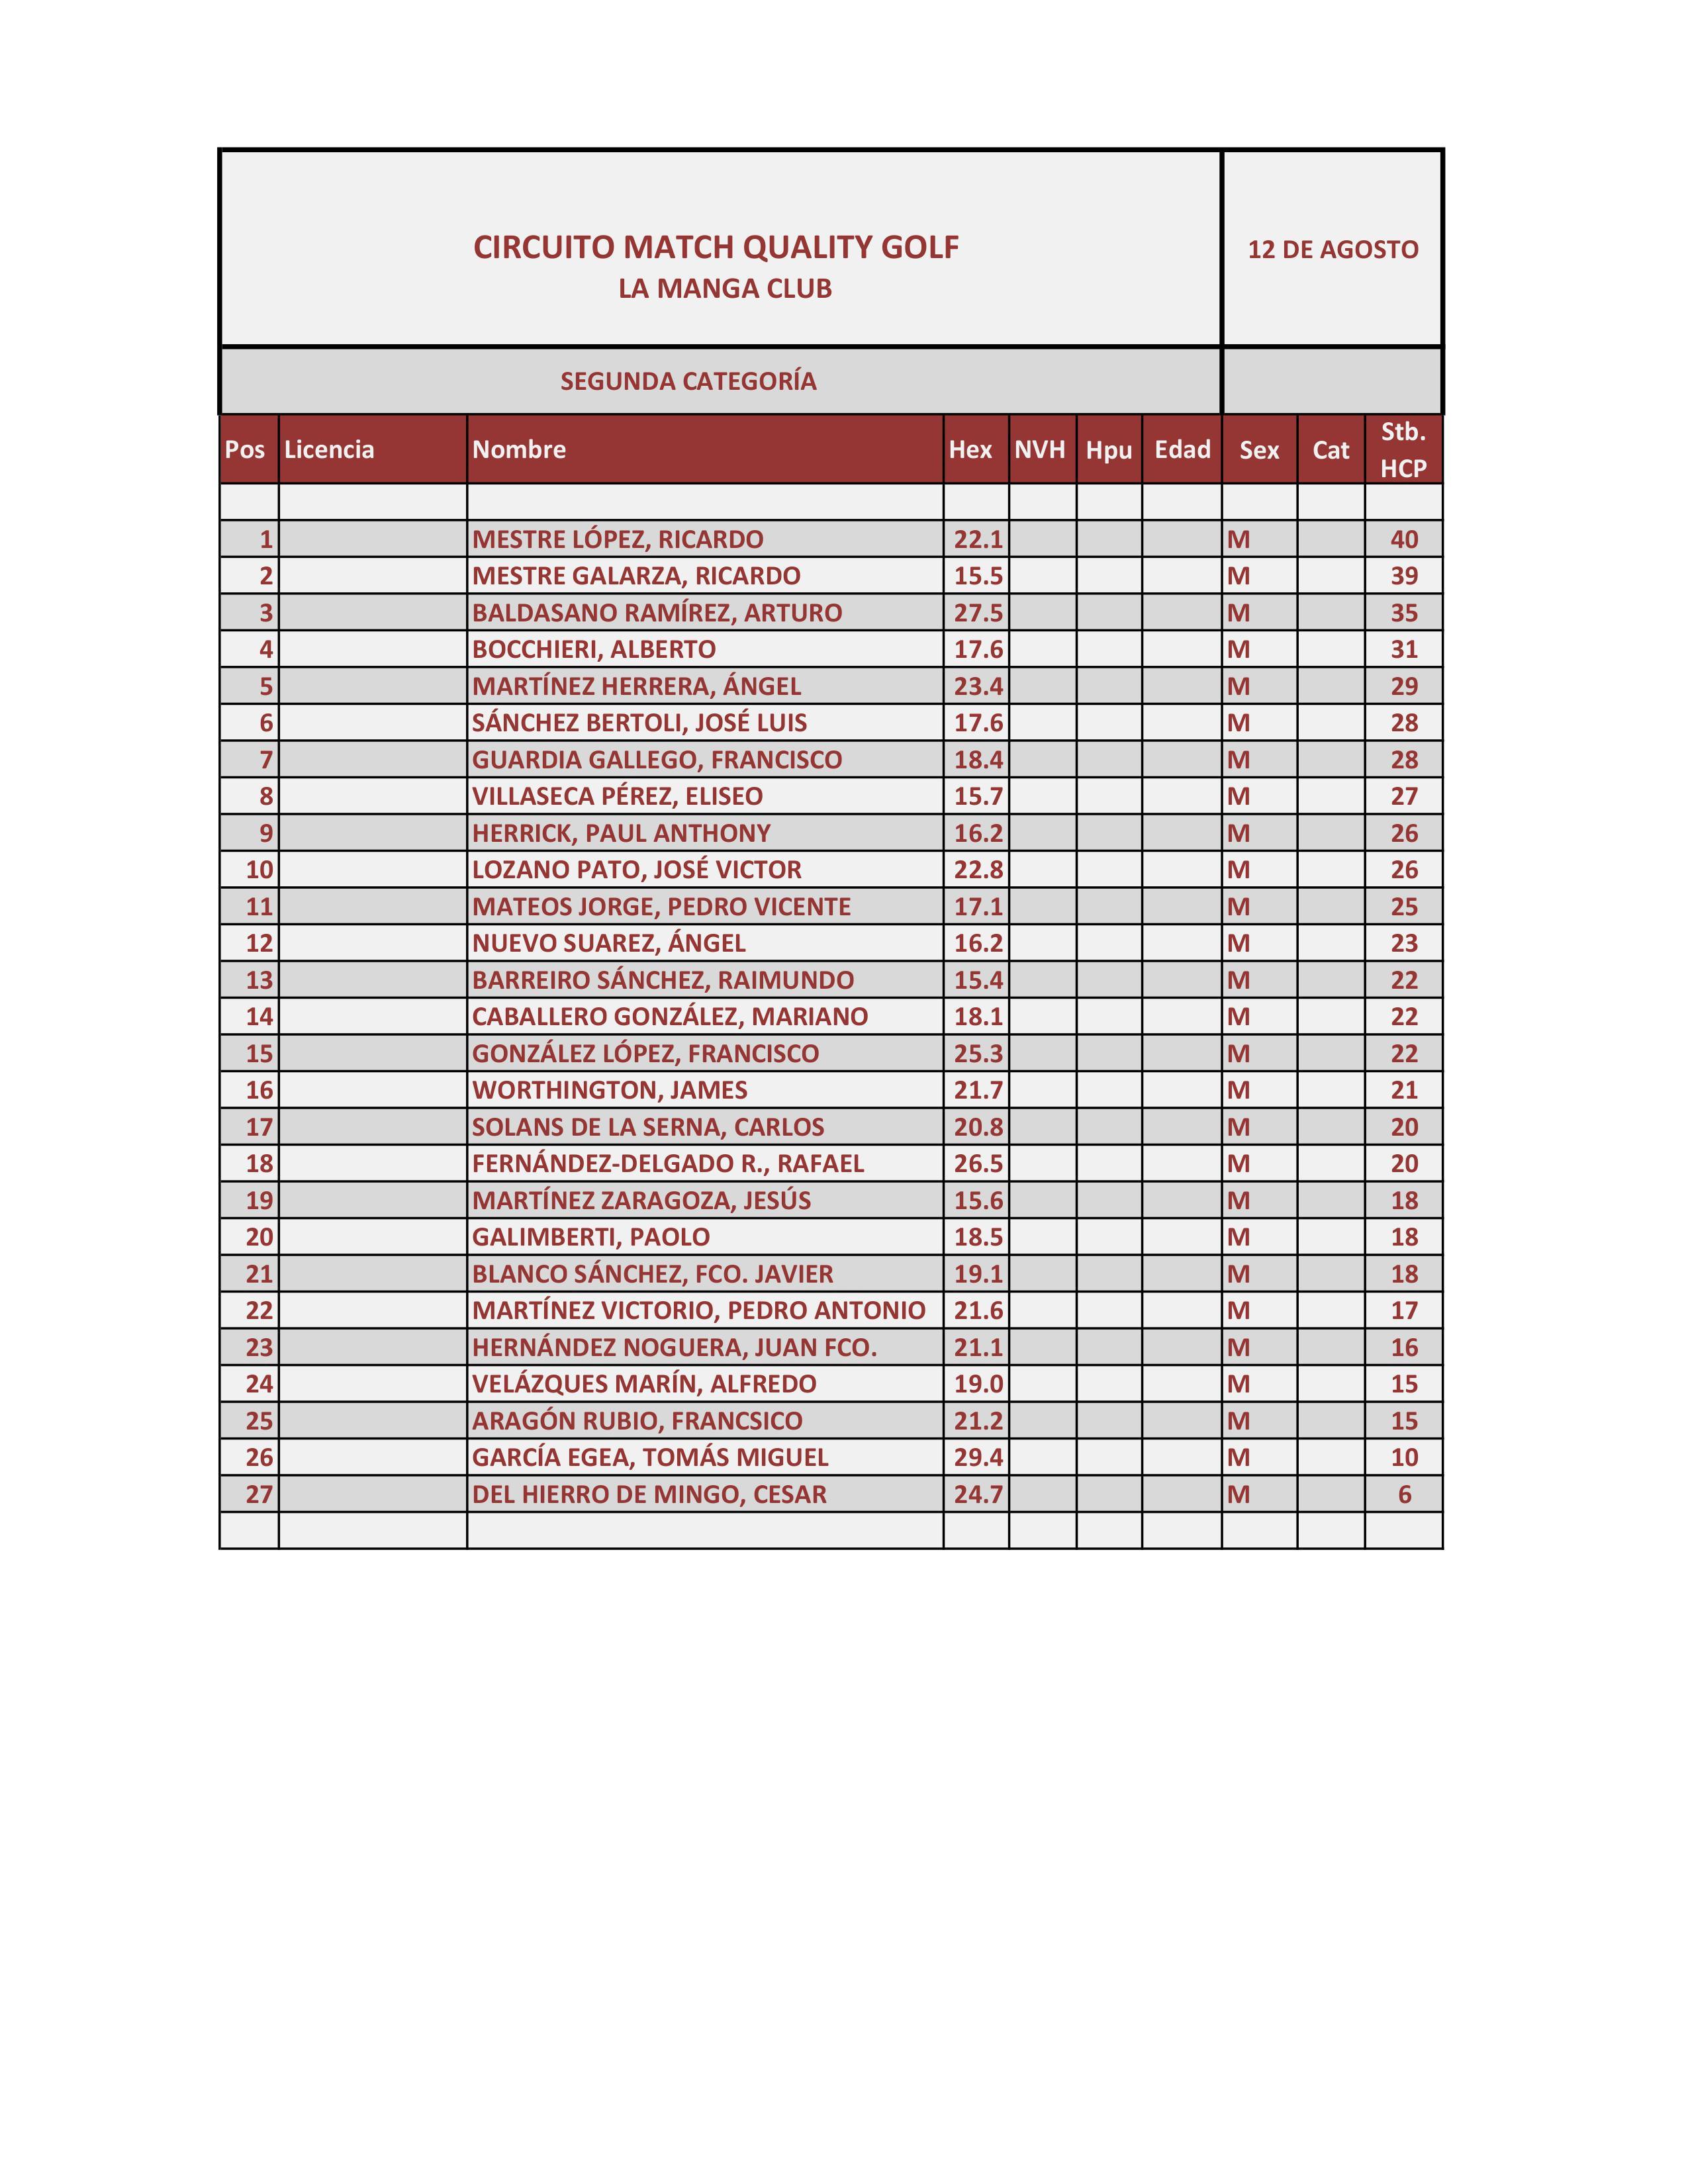 170812 LMS, Clasificación 2ª Categoría Caballeros